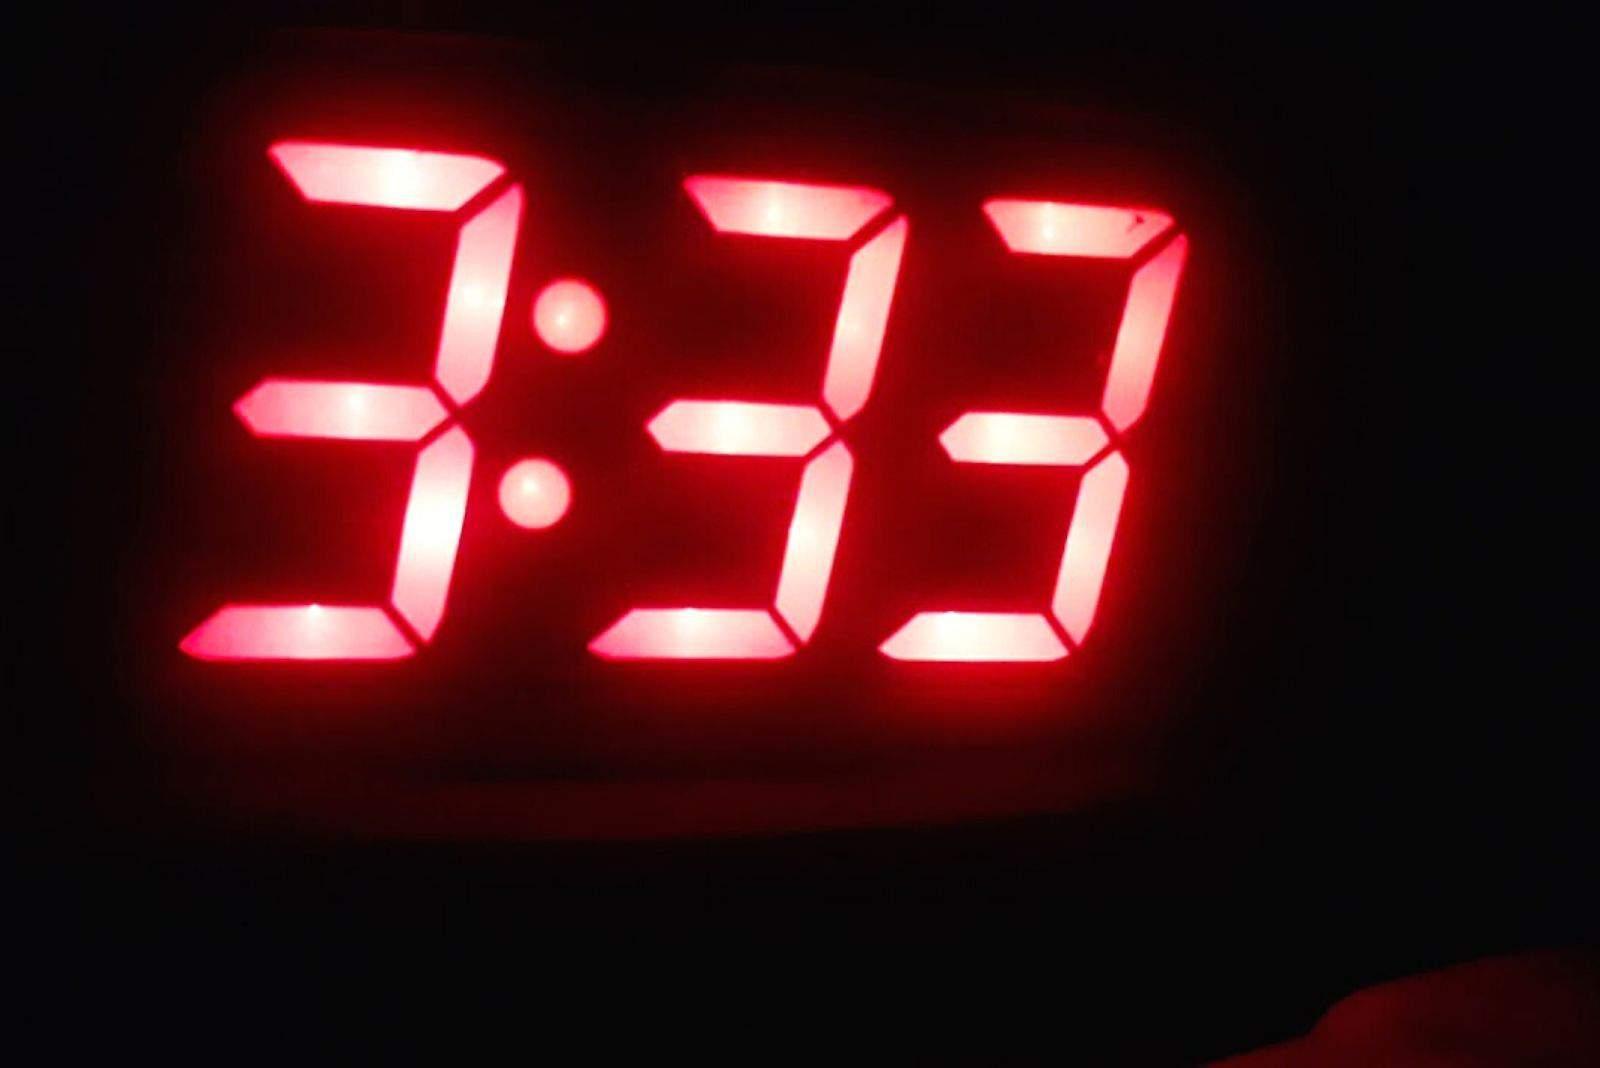 Digitaluhr 3h und 33 Minuten